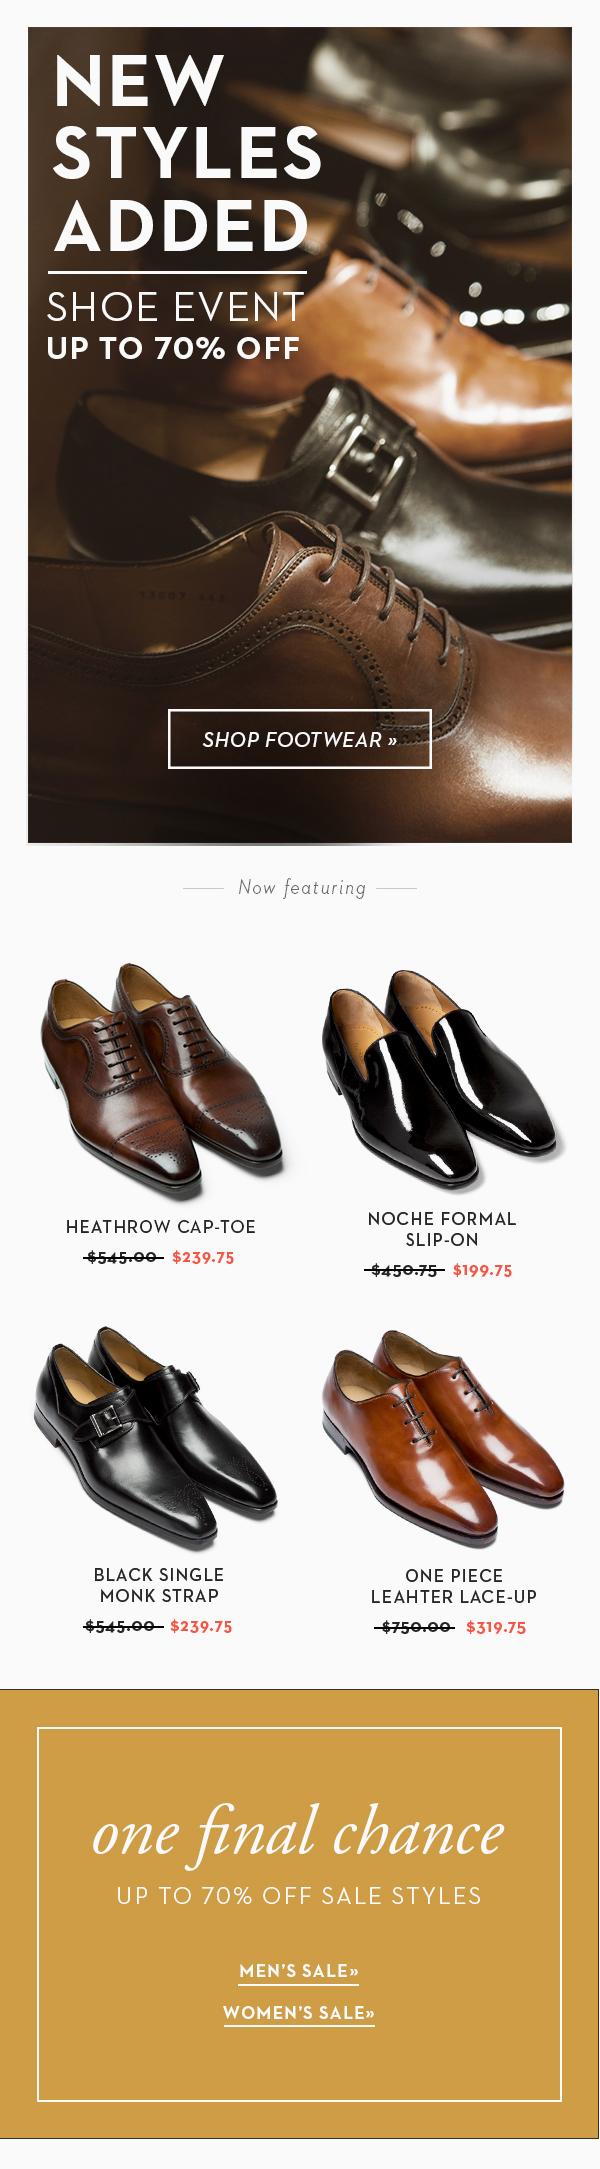 shop-footwear-email.jpg